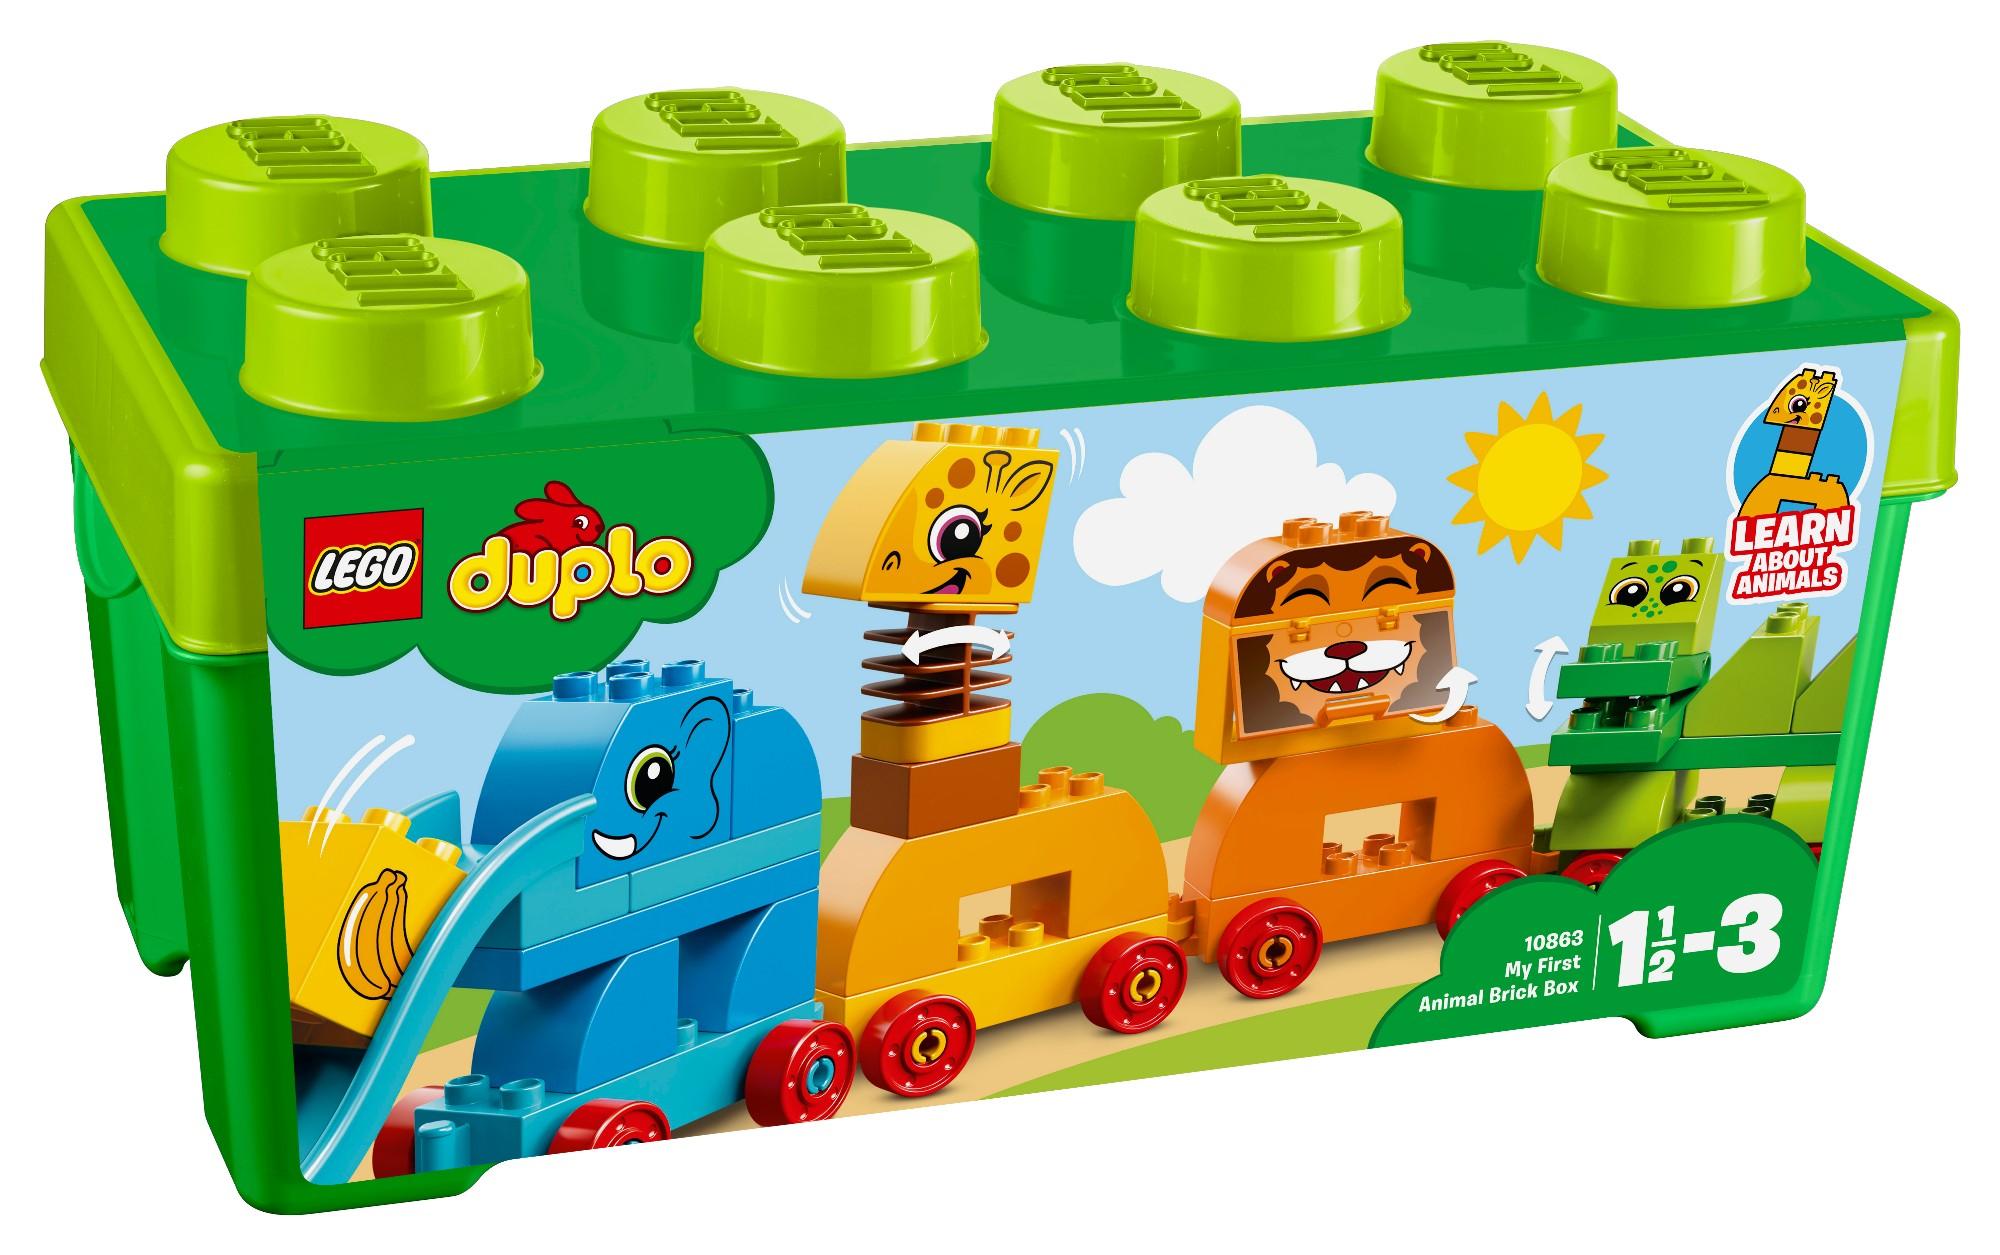 Konstruktorius LEGO DUPLO Mano pirmoji gyvūnėlių kaladėlių dėžutė 1-3 metų vaikams (10863)